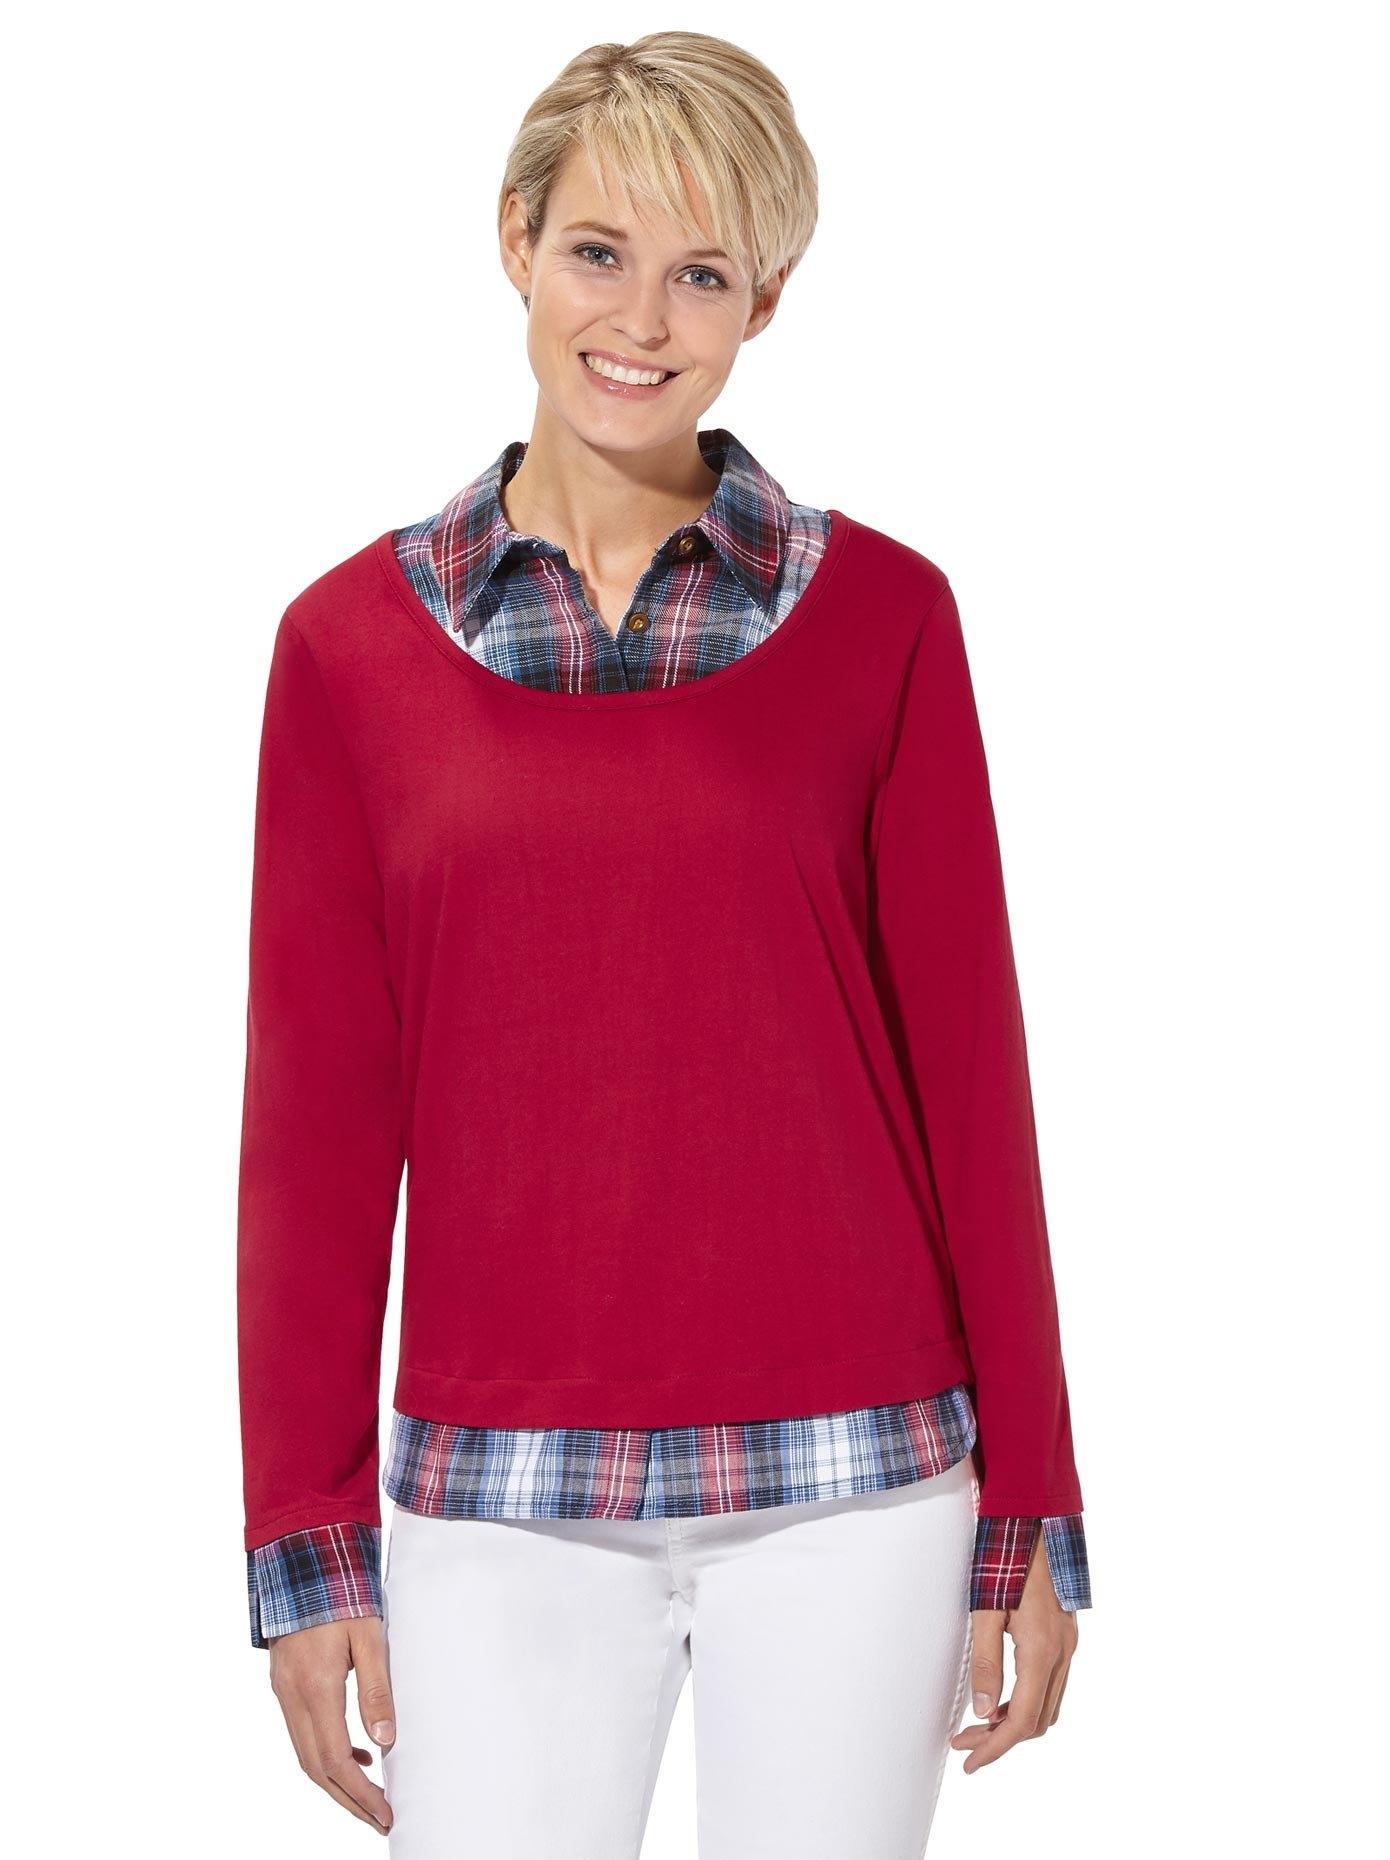 Casual Looks 2-in-1-shirt voordelig en veilig online kopen